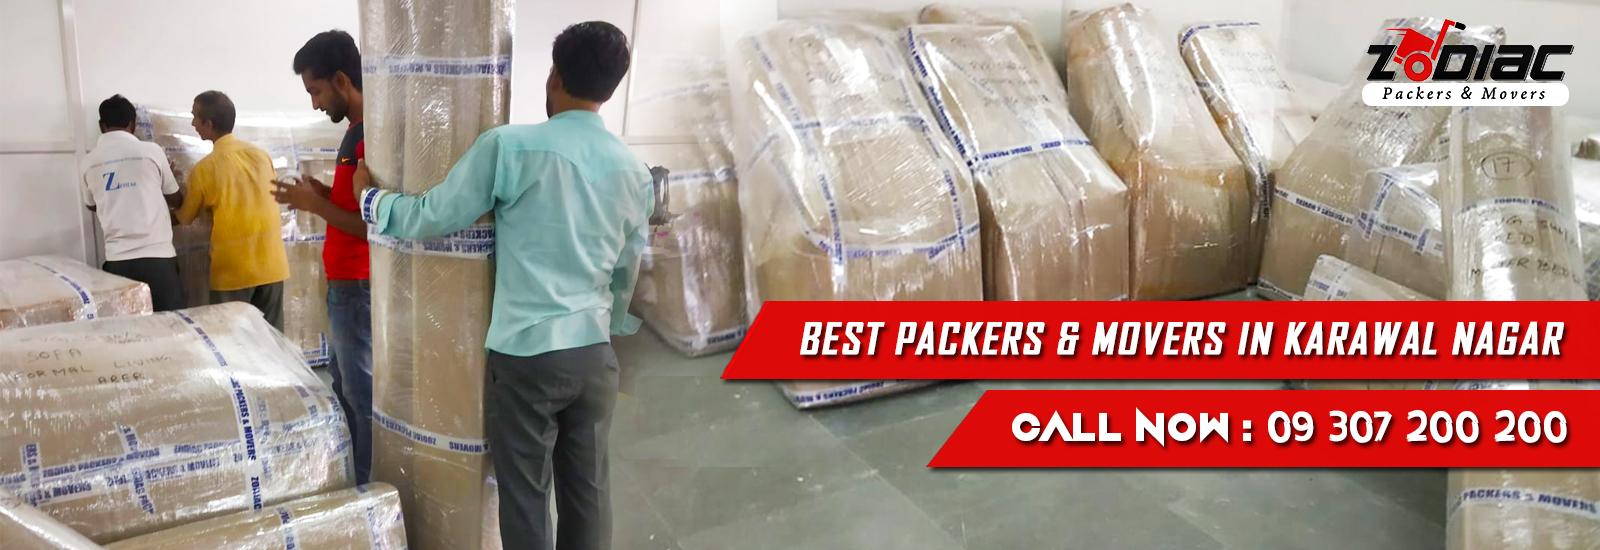 Packers and Movers in Karawal Nagar